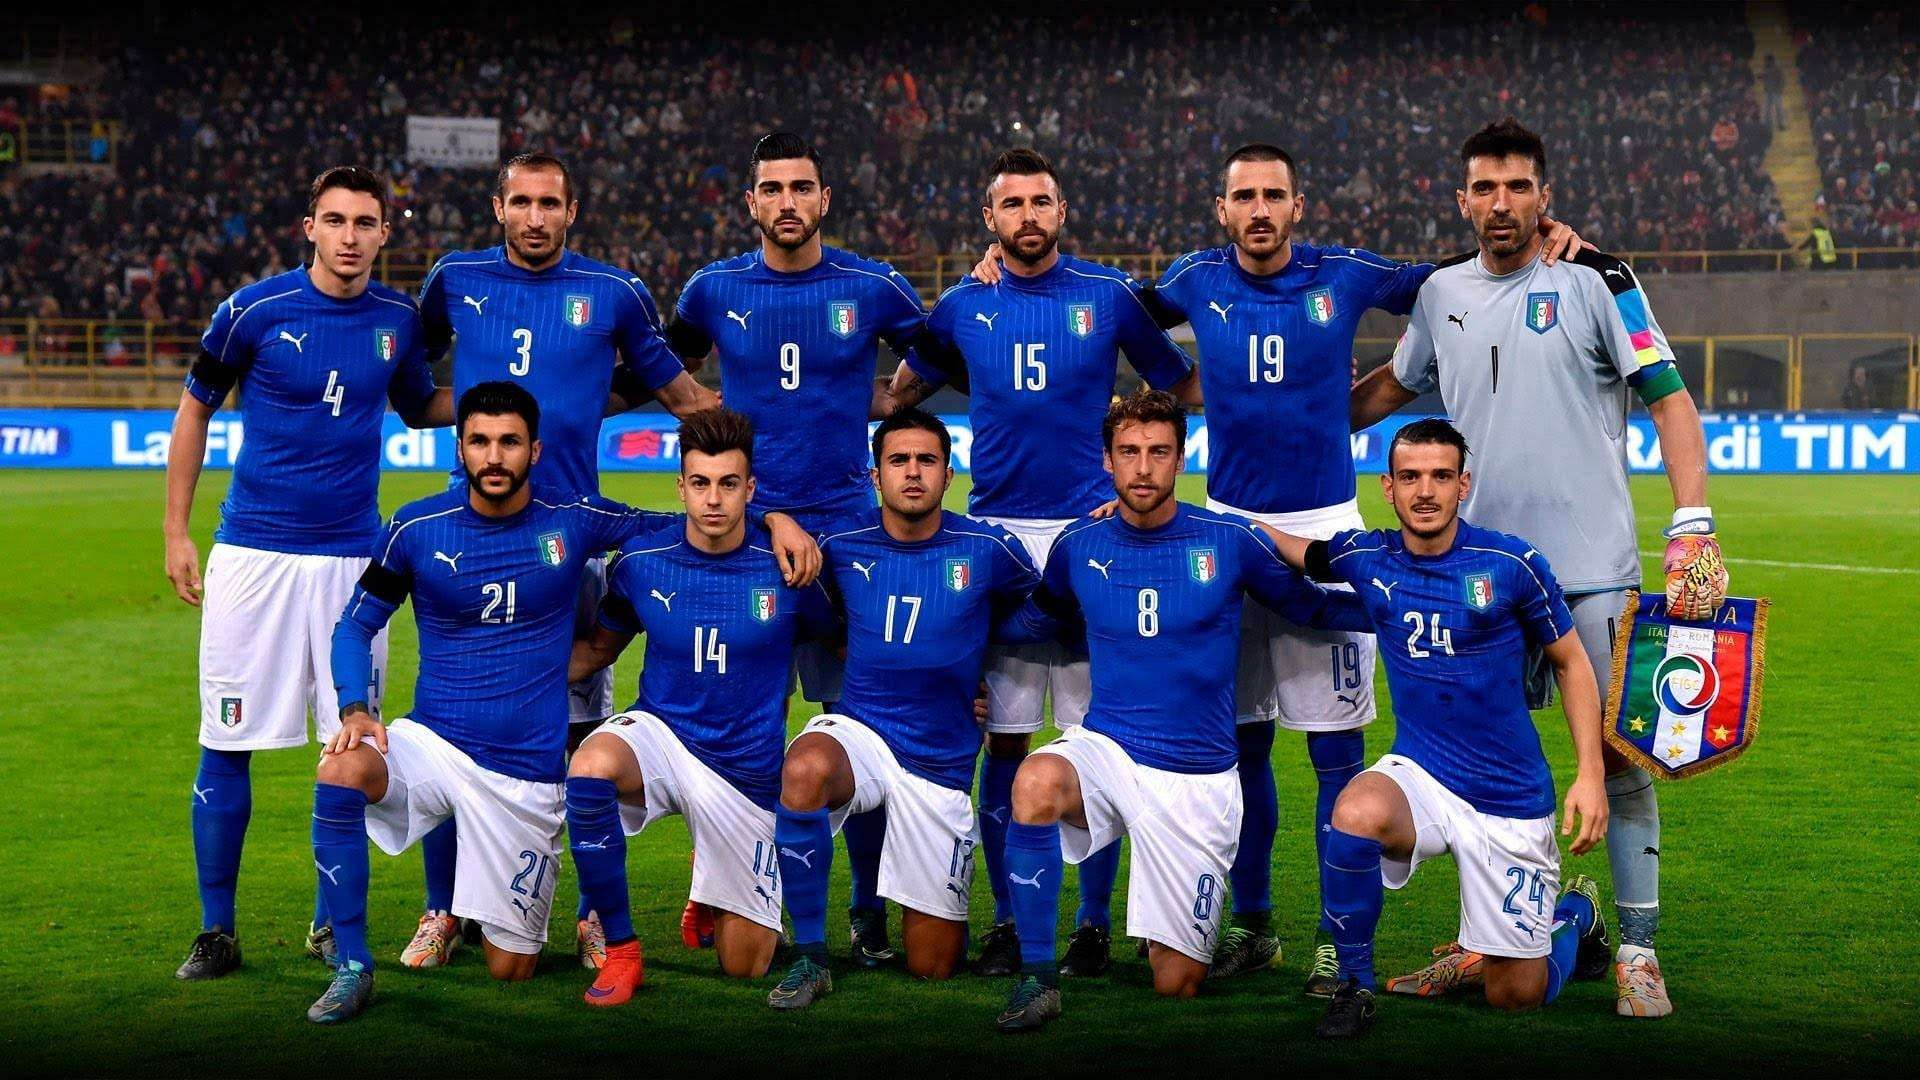 إيطاليا تفوز على بلجيكا وتحرز المركز الثالث لبطولة دوري الأمم الأوروبية, صحيفة عربية -بروفايل نيوز